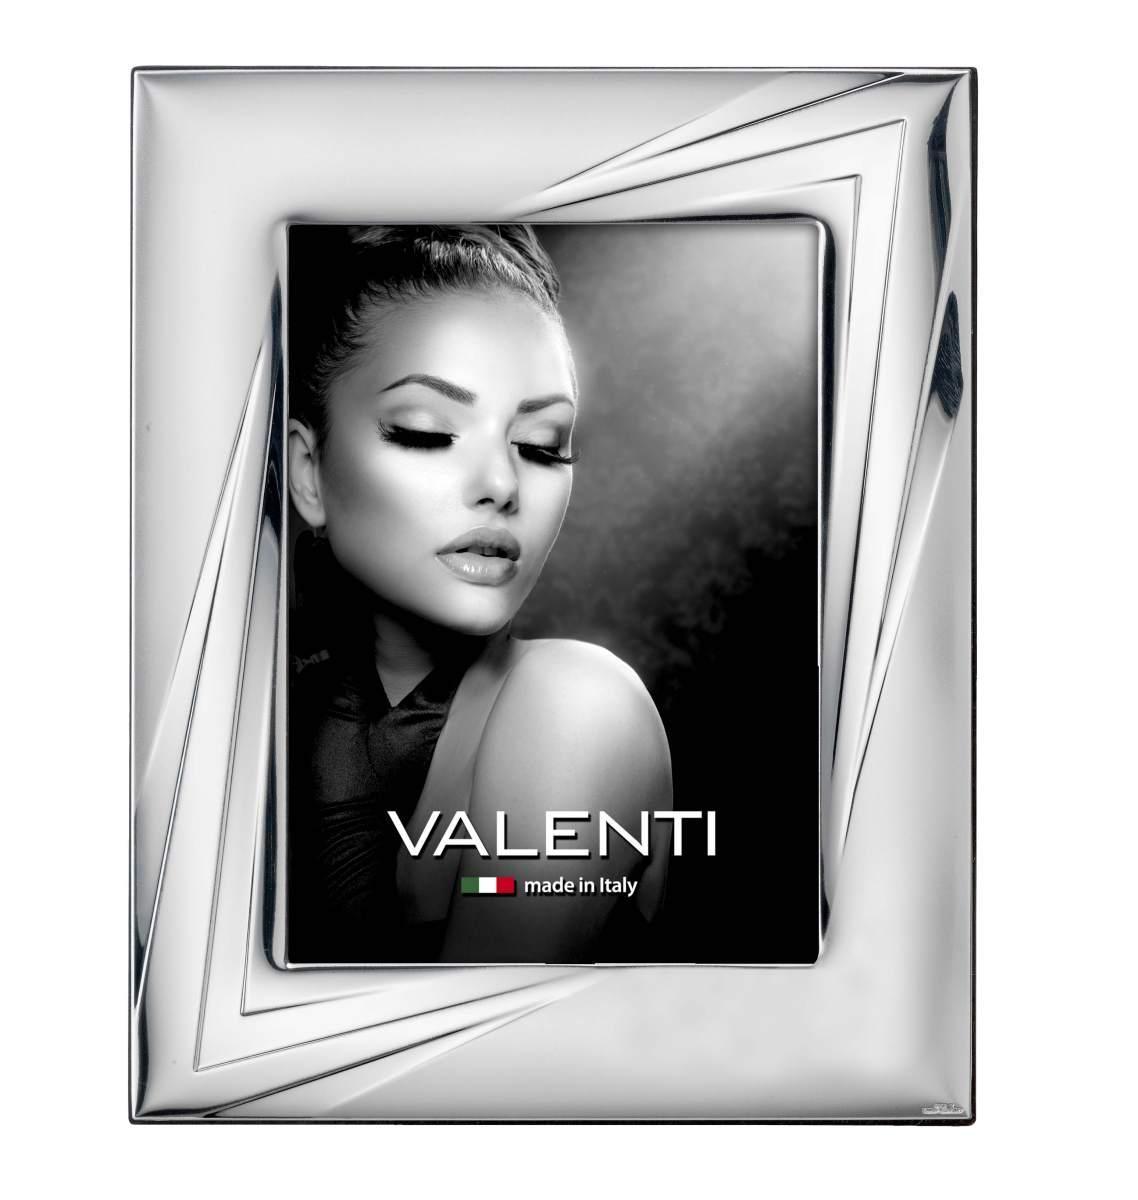 Valenti portafoto retro legno 13x18 520364l 8057013563277 - Portafoto 13x18 ...